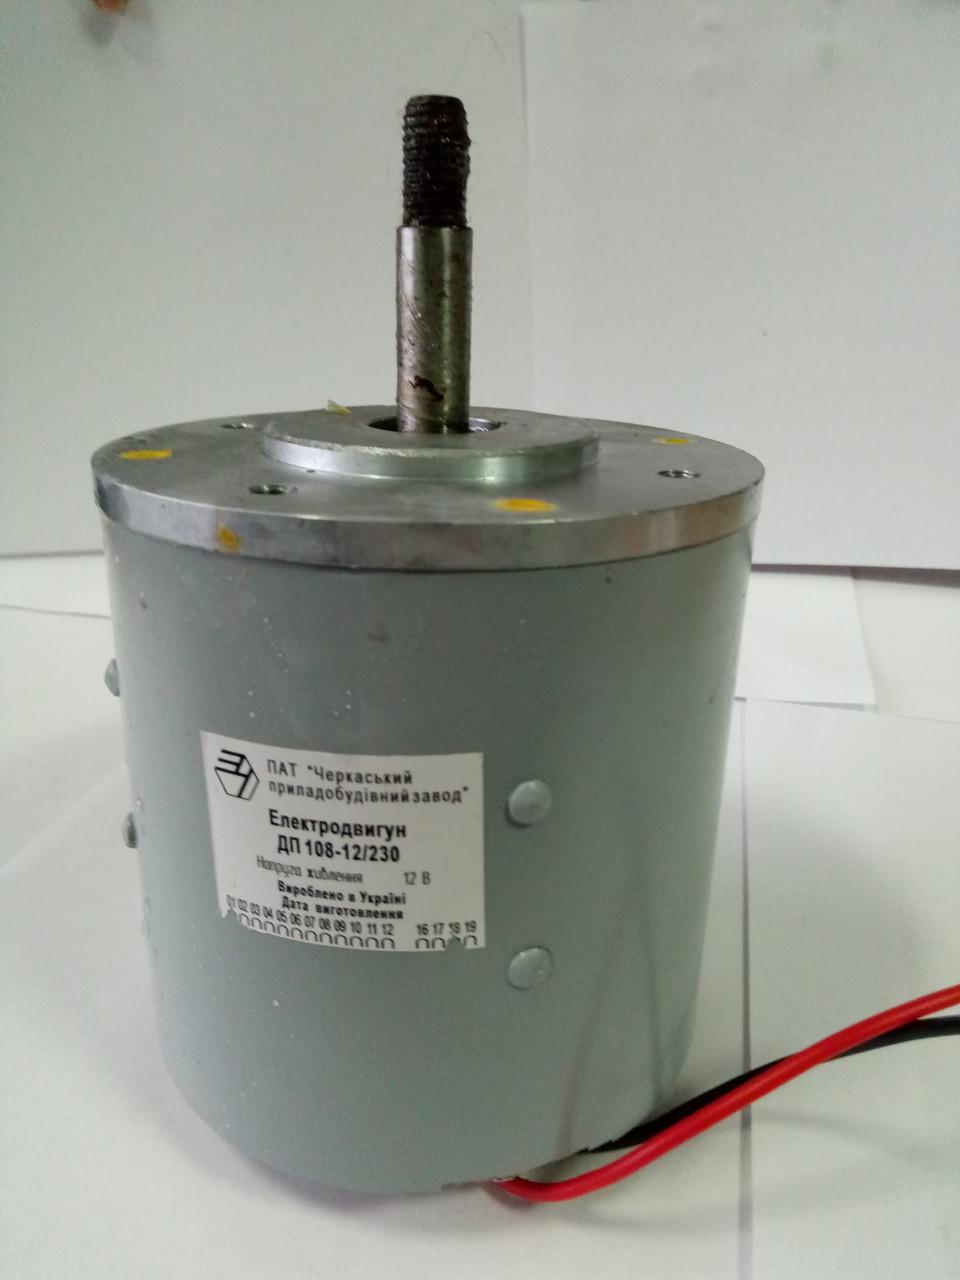 Электродвигатель ДП 108-12/230 (230w 12v двигатель медогонки) - фото 2